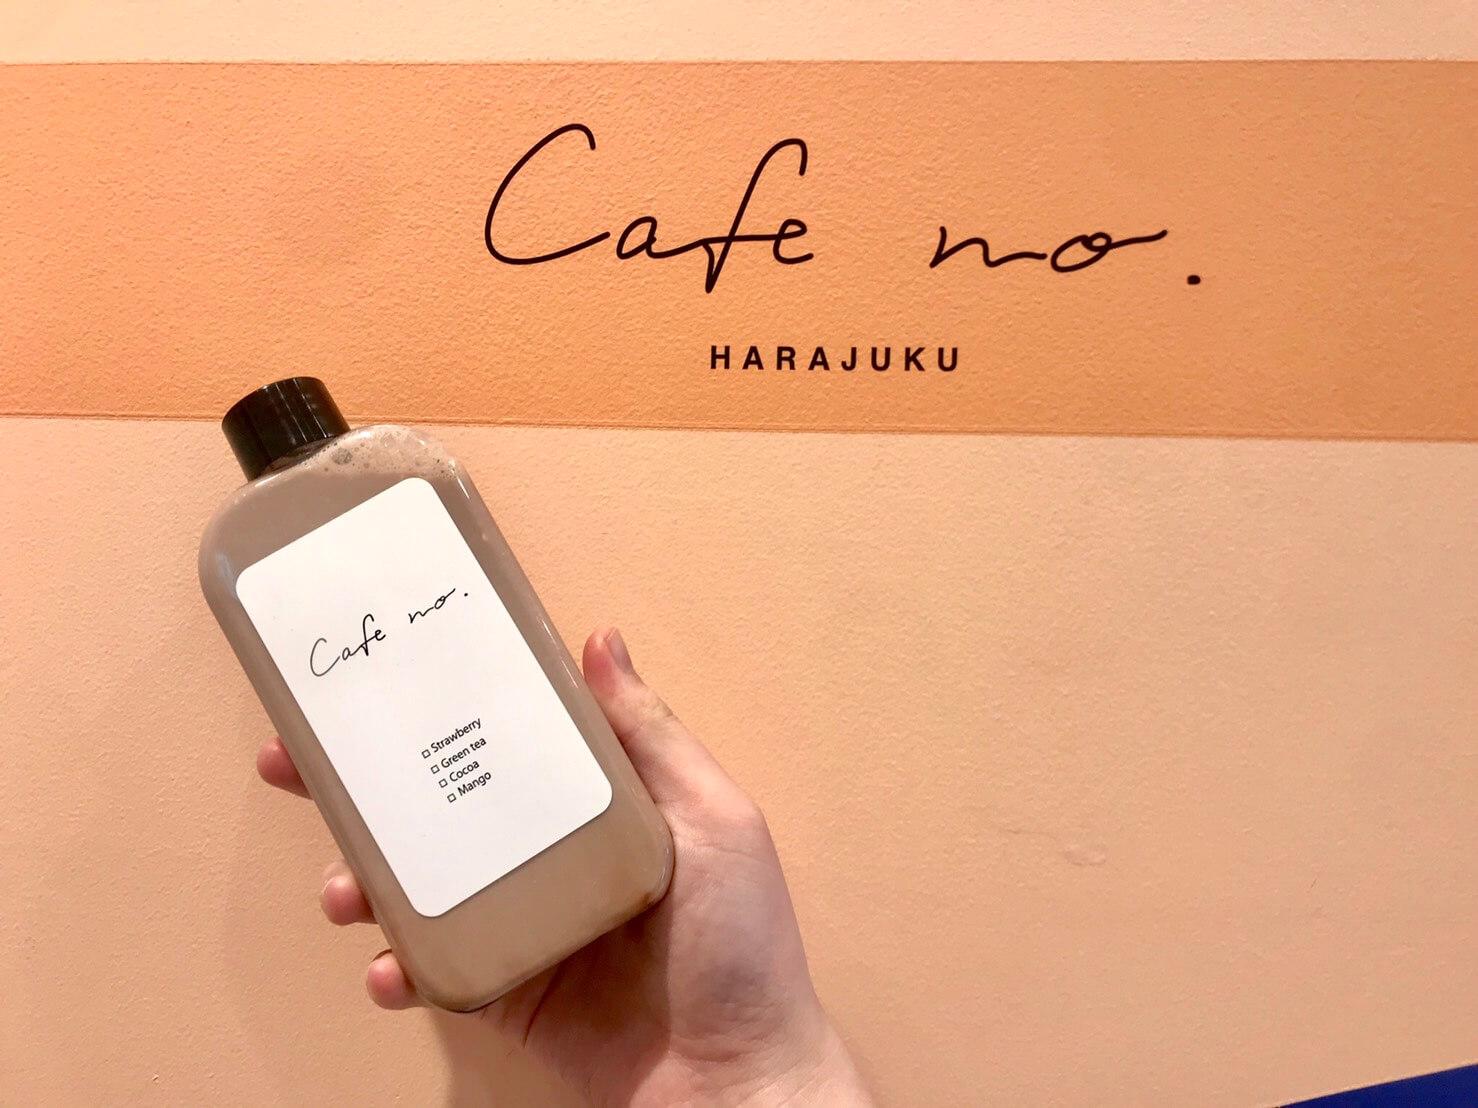 持ち画 cafe no 原宿 ボトルドリンク